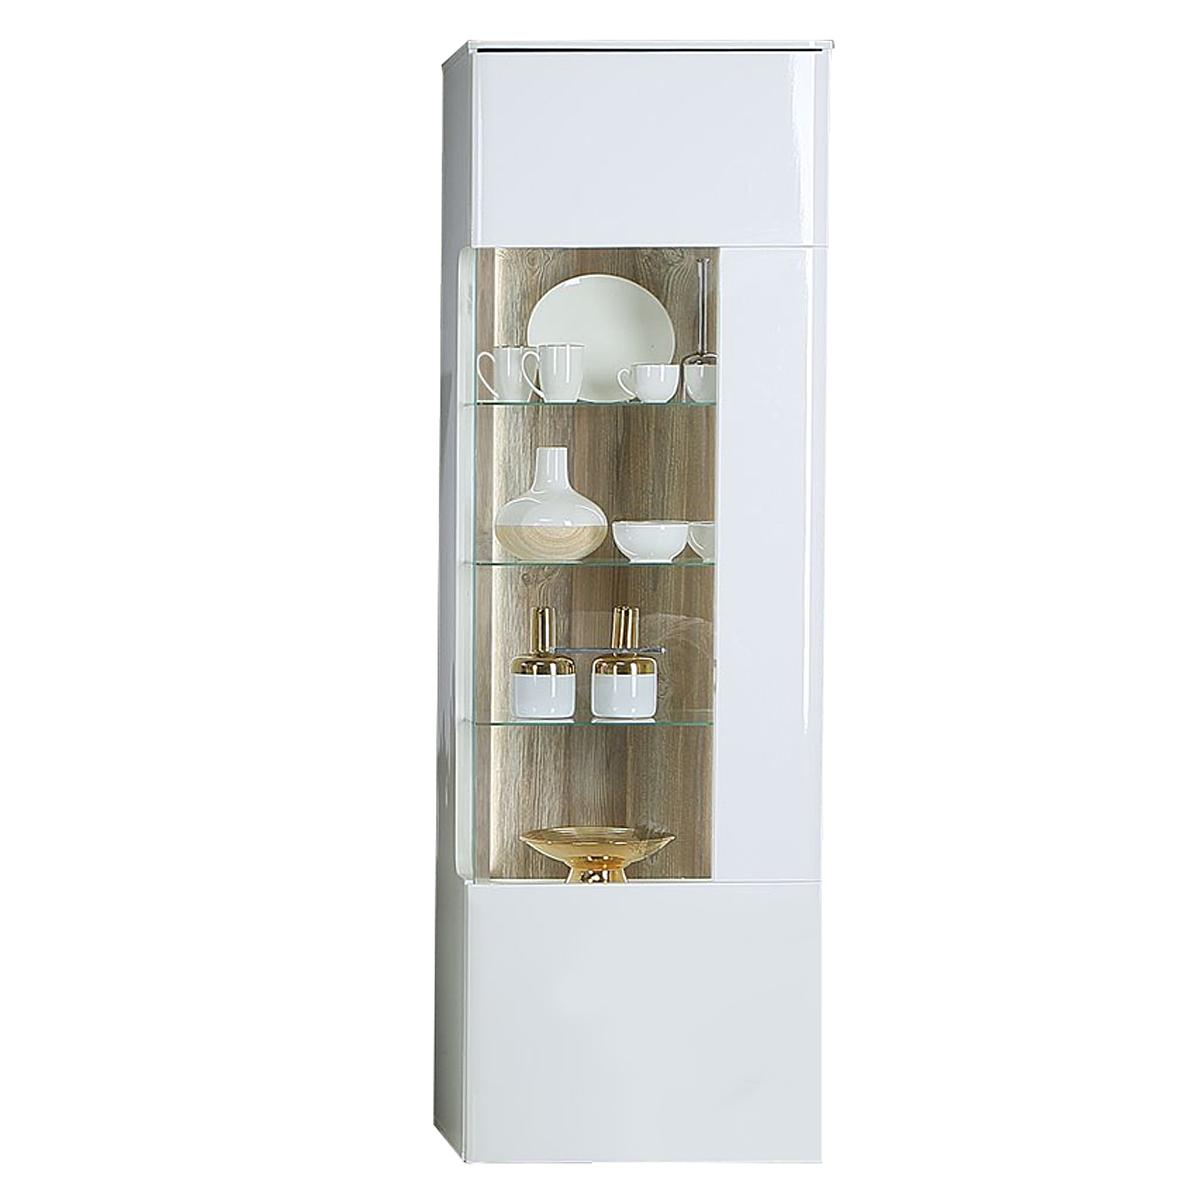 Forte Babila Vitrine BBLV713RB für Ihr Wohnzimmer oder Esszimmer  Standvitrine mit Glastür und Beleuchtung Dekor Korpus Weiß matt kombiniert  mit Weiß ...